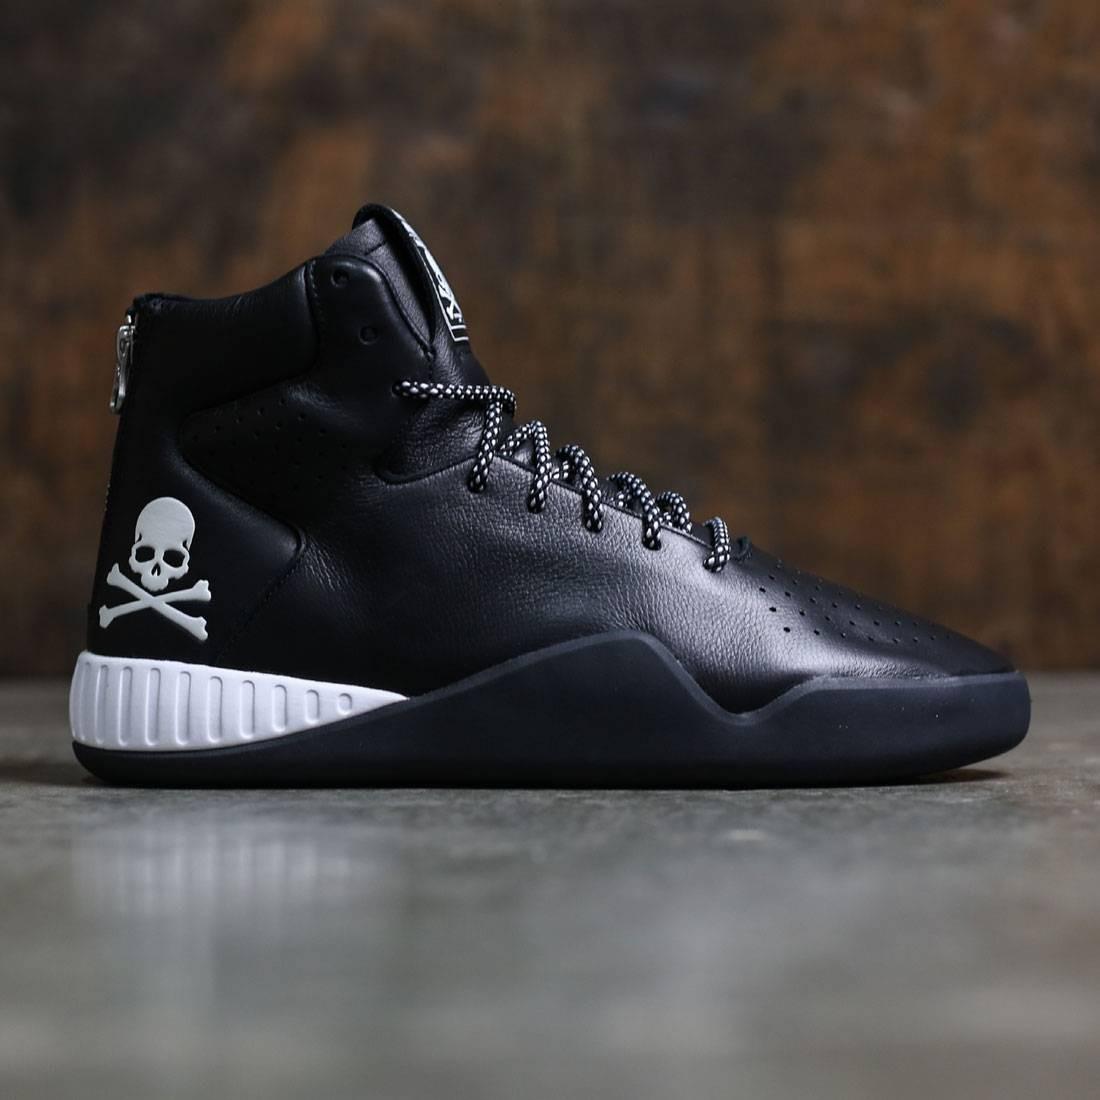 【海外限定】アディダス インスティンクト コア 黒 ブラック 靴 メンズ靴 【 ADIDAS BLACK CONSORTIUM X MASTERMIND JAPAN MEN TUBULAR INSTINCT CORE FOOTWEAR WHITE 】